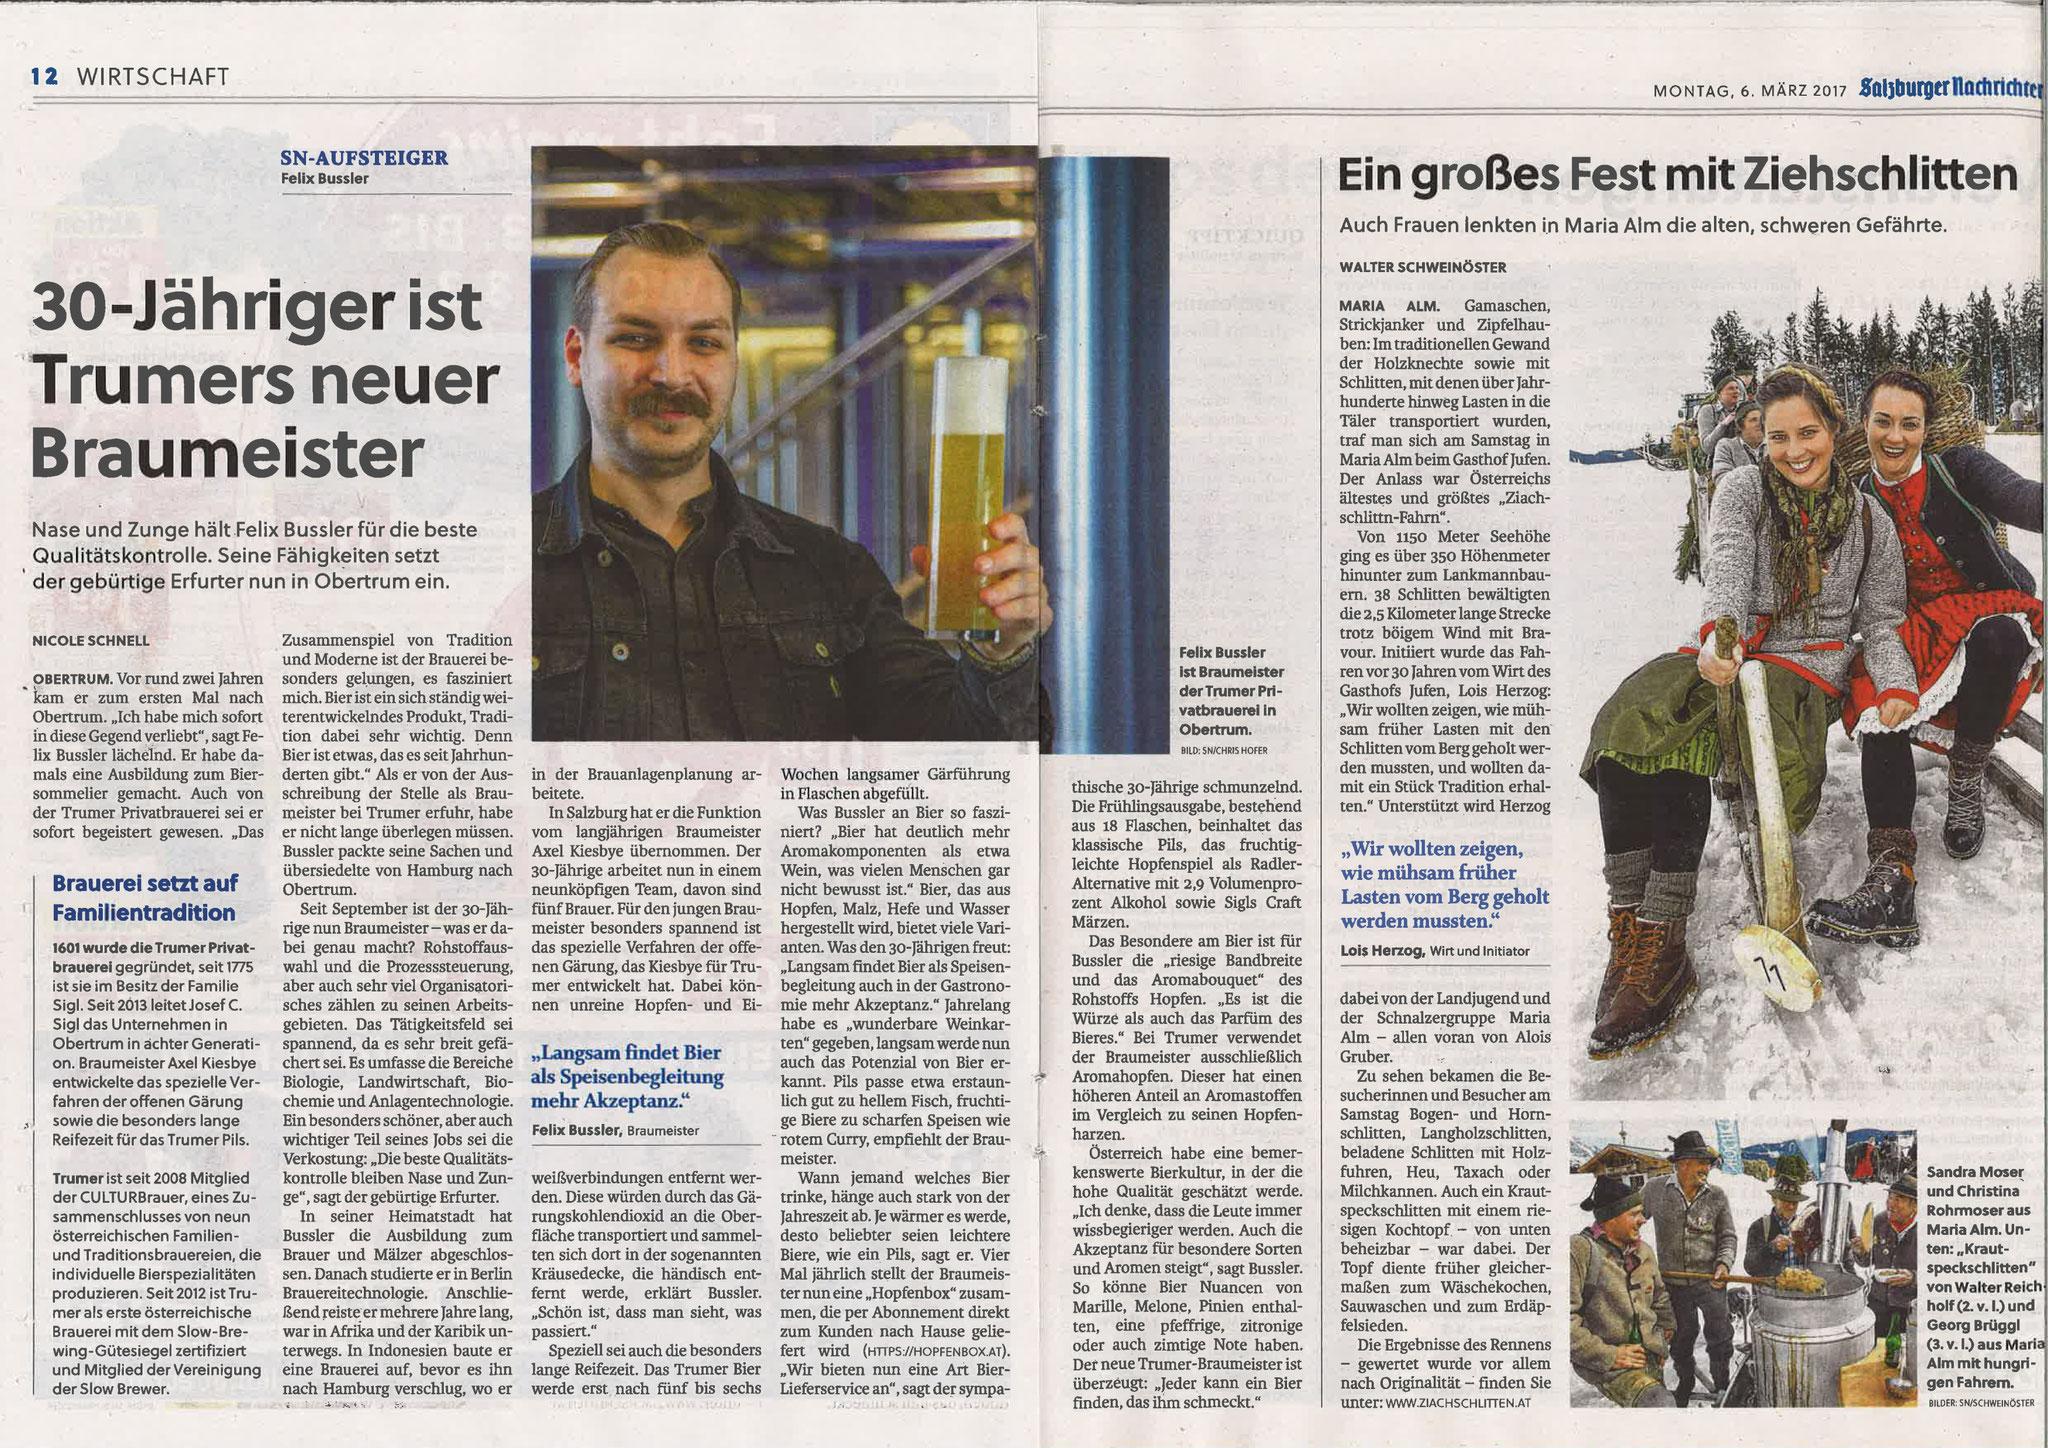 Salzburger Nachrichten, 6. März 2017